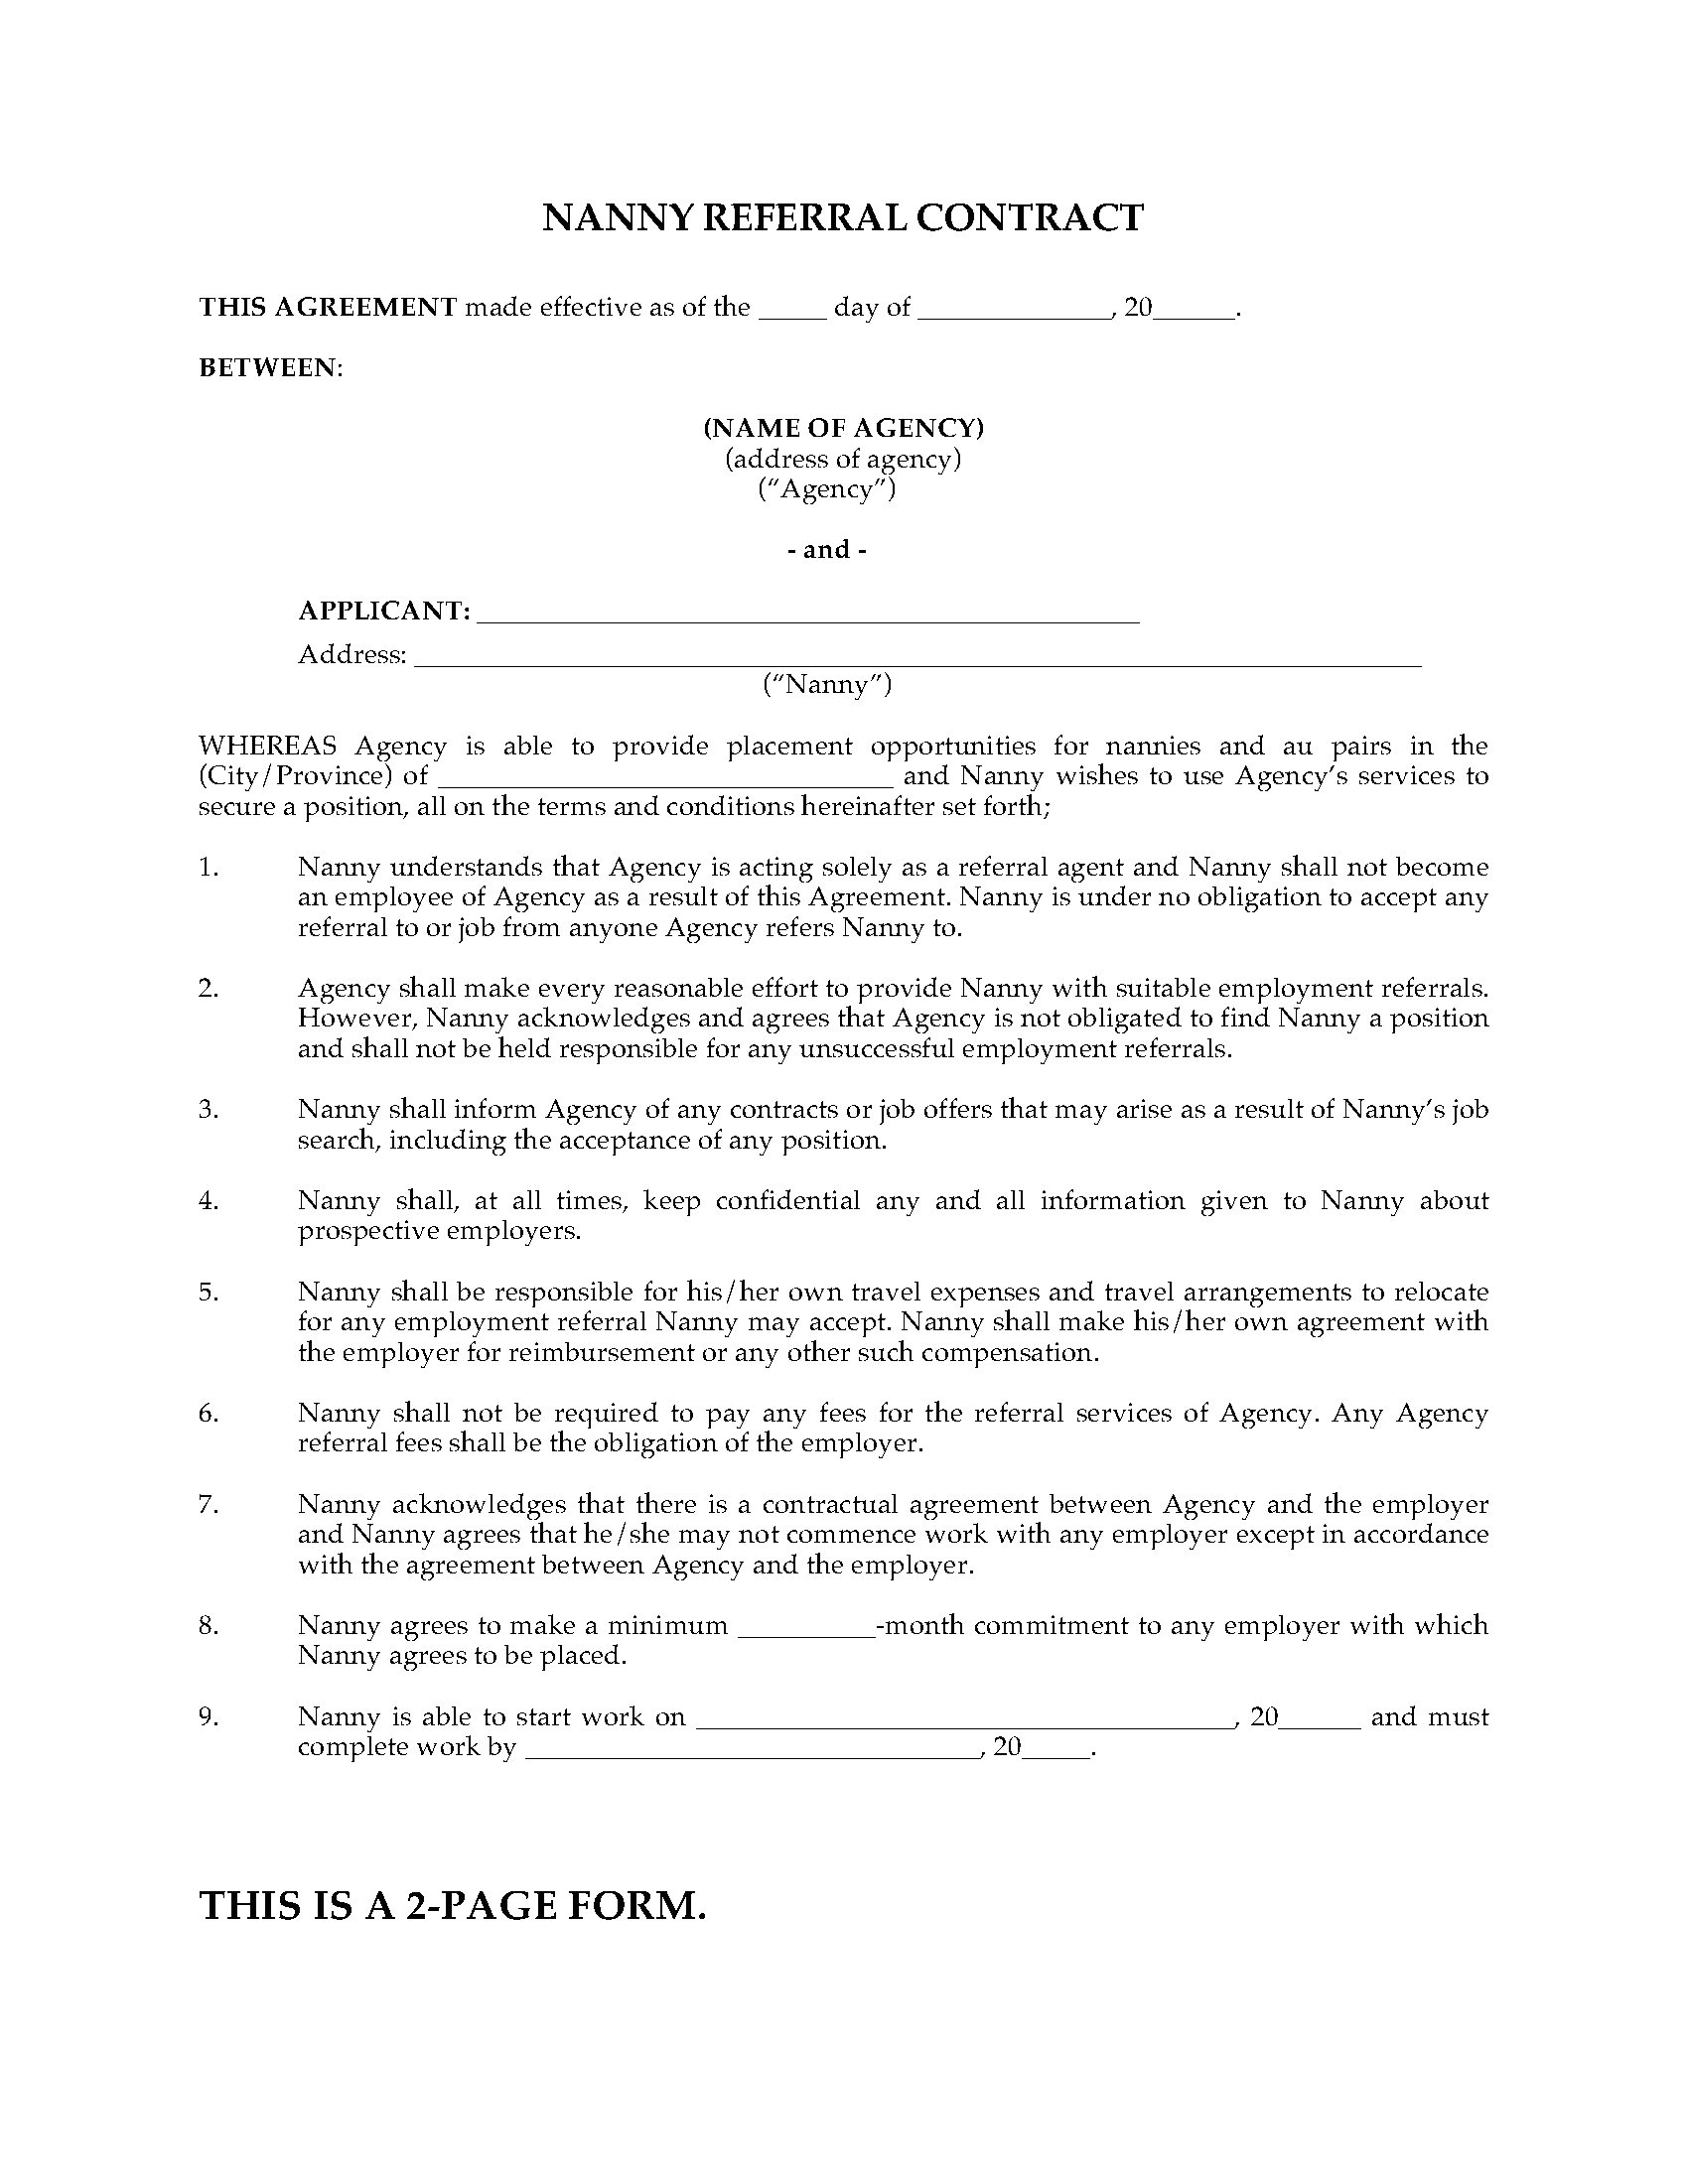 canada nanny referral contract